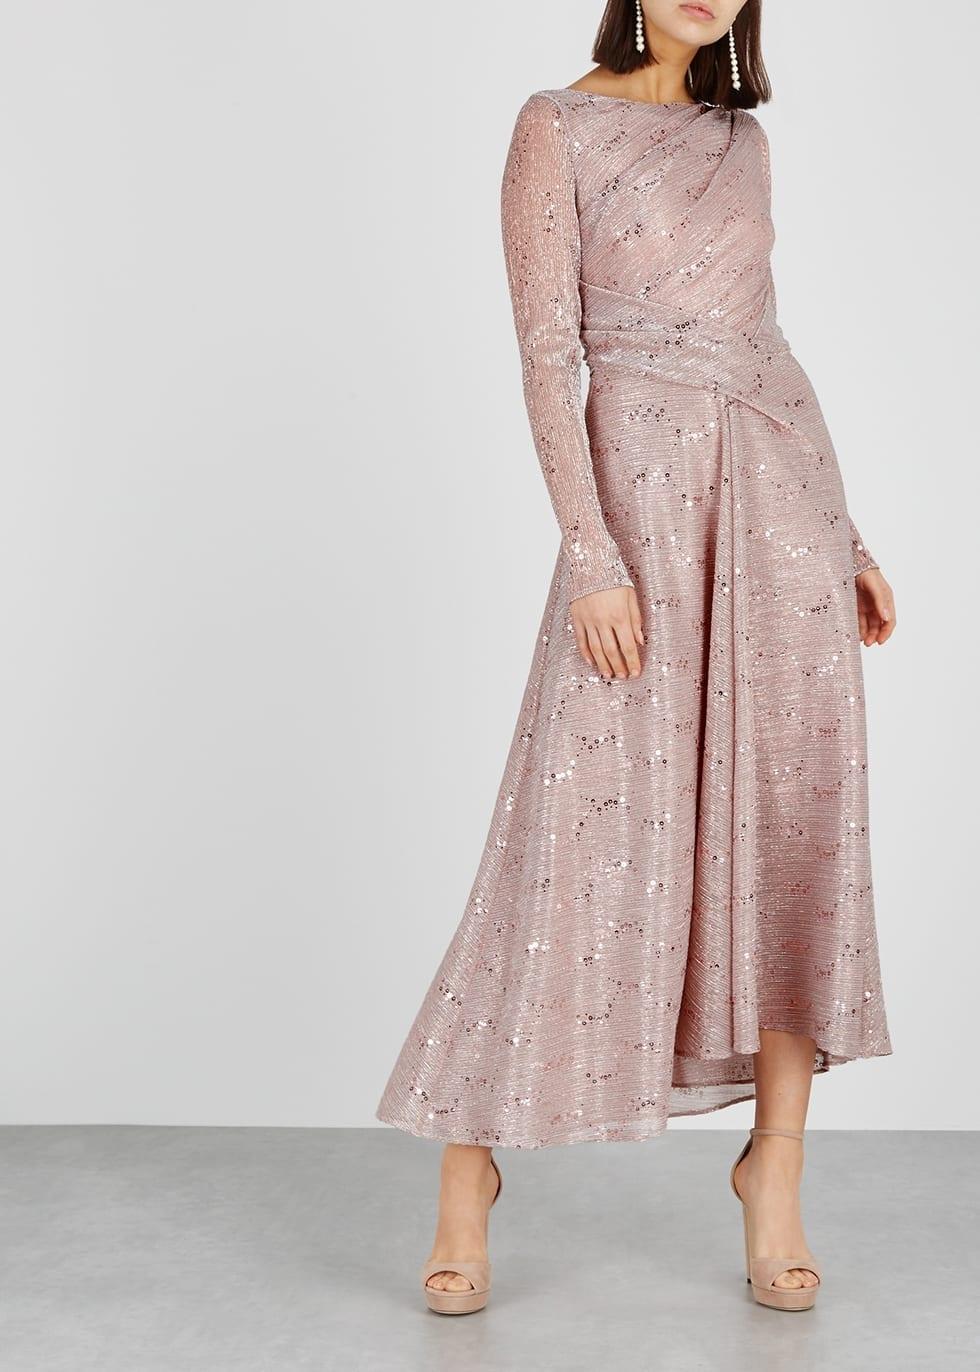 TALBOT RUNHOF Embellished Metallic-knit Pink Gown